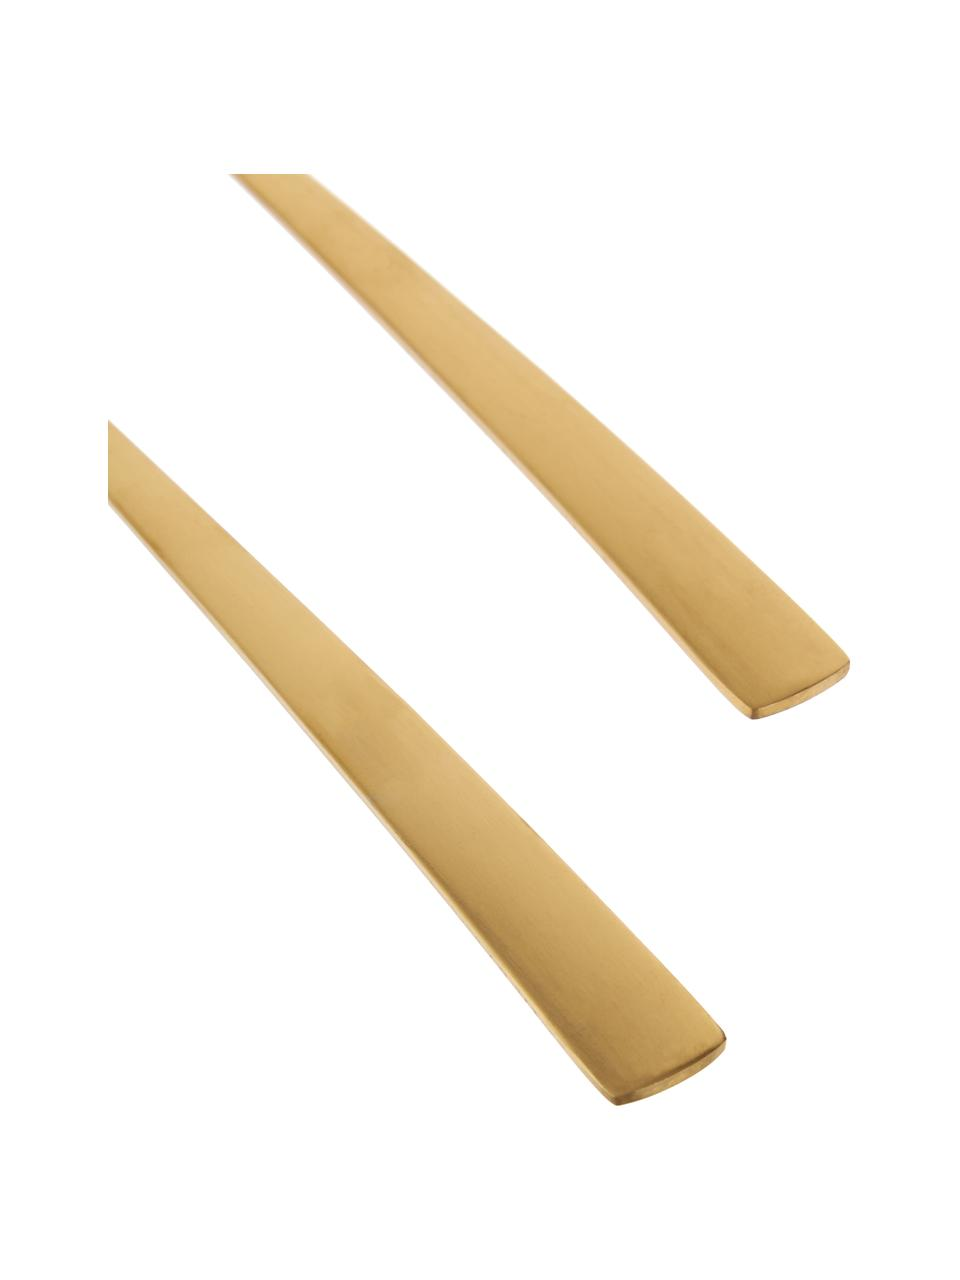 Komplet sztućców do sałatek ze stali nierdzewnej Snagg, 2 elem., Stal nierdzewna, powlekana, Odcienie mosiądzu, D 24 cm